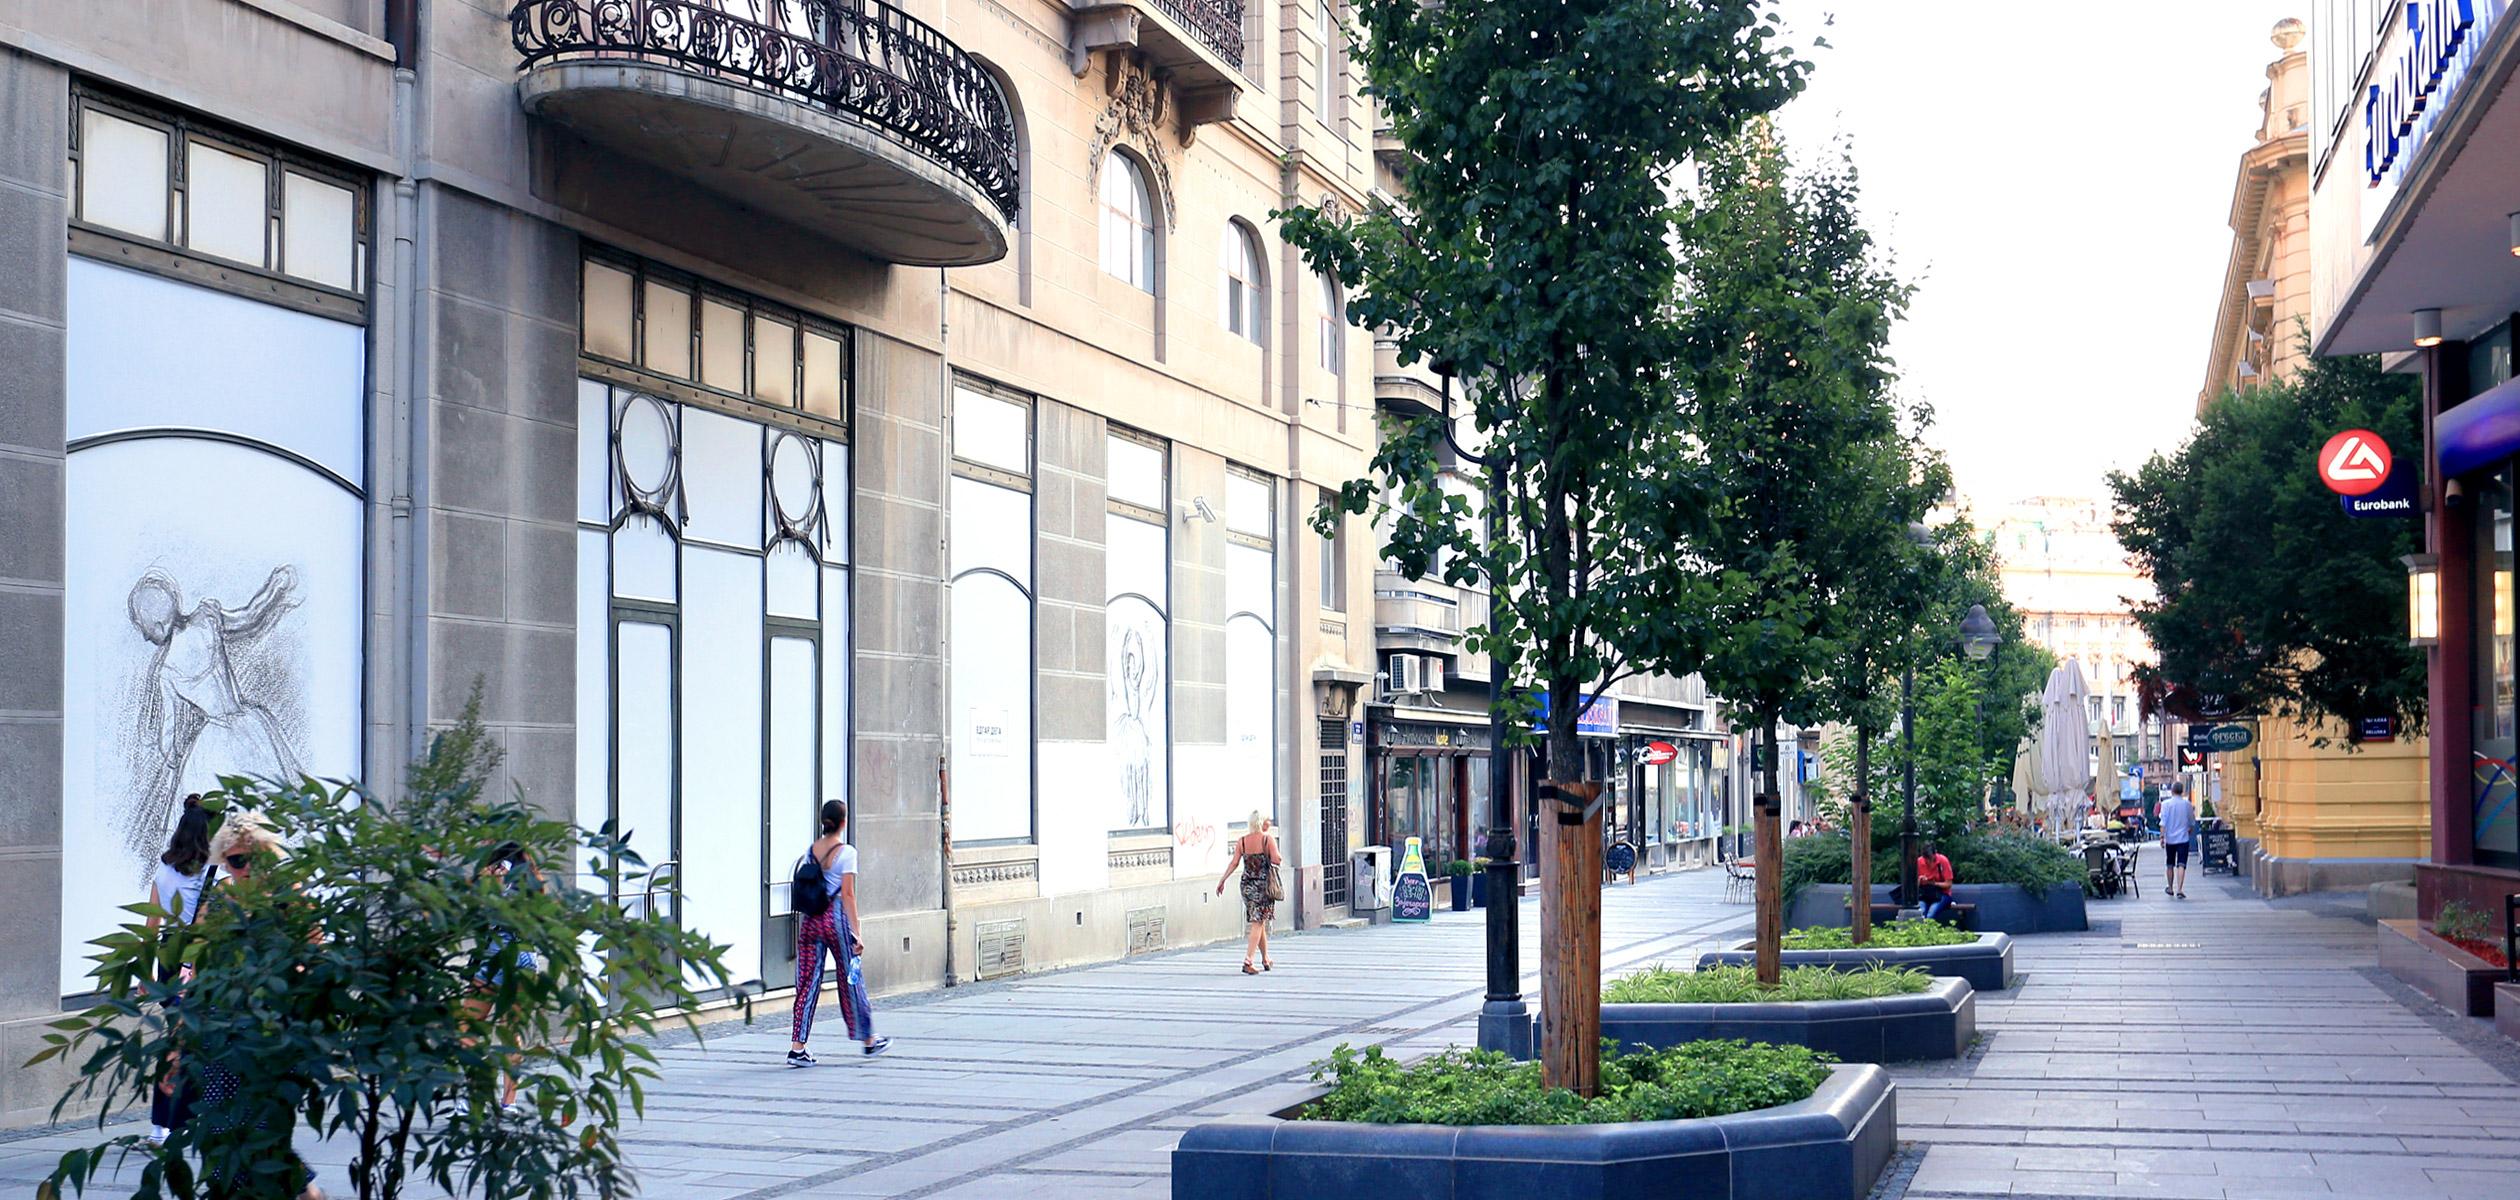 ulica-vuka-karadzica-pesacka-zona.jpg